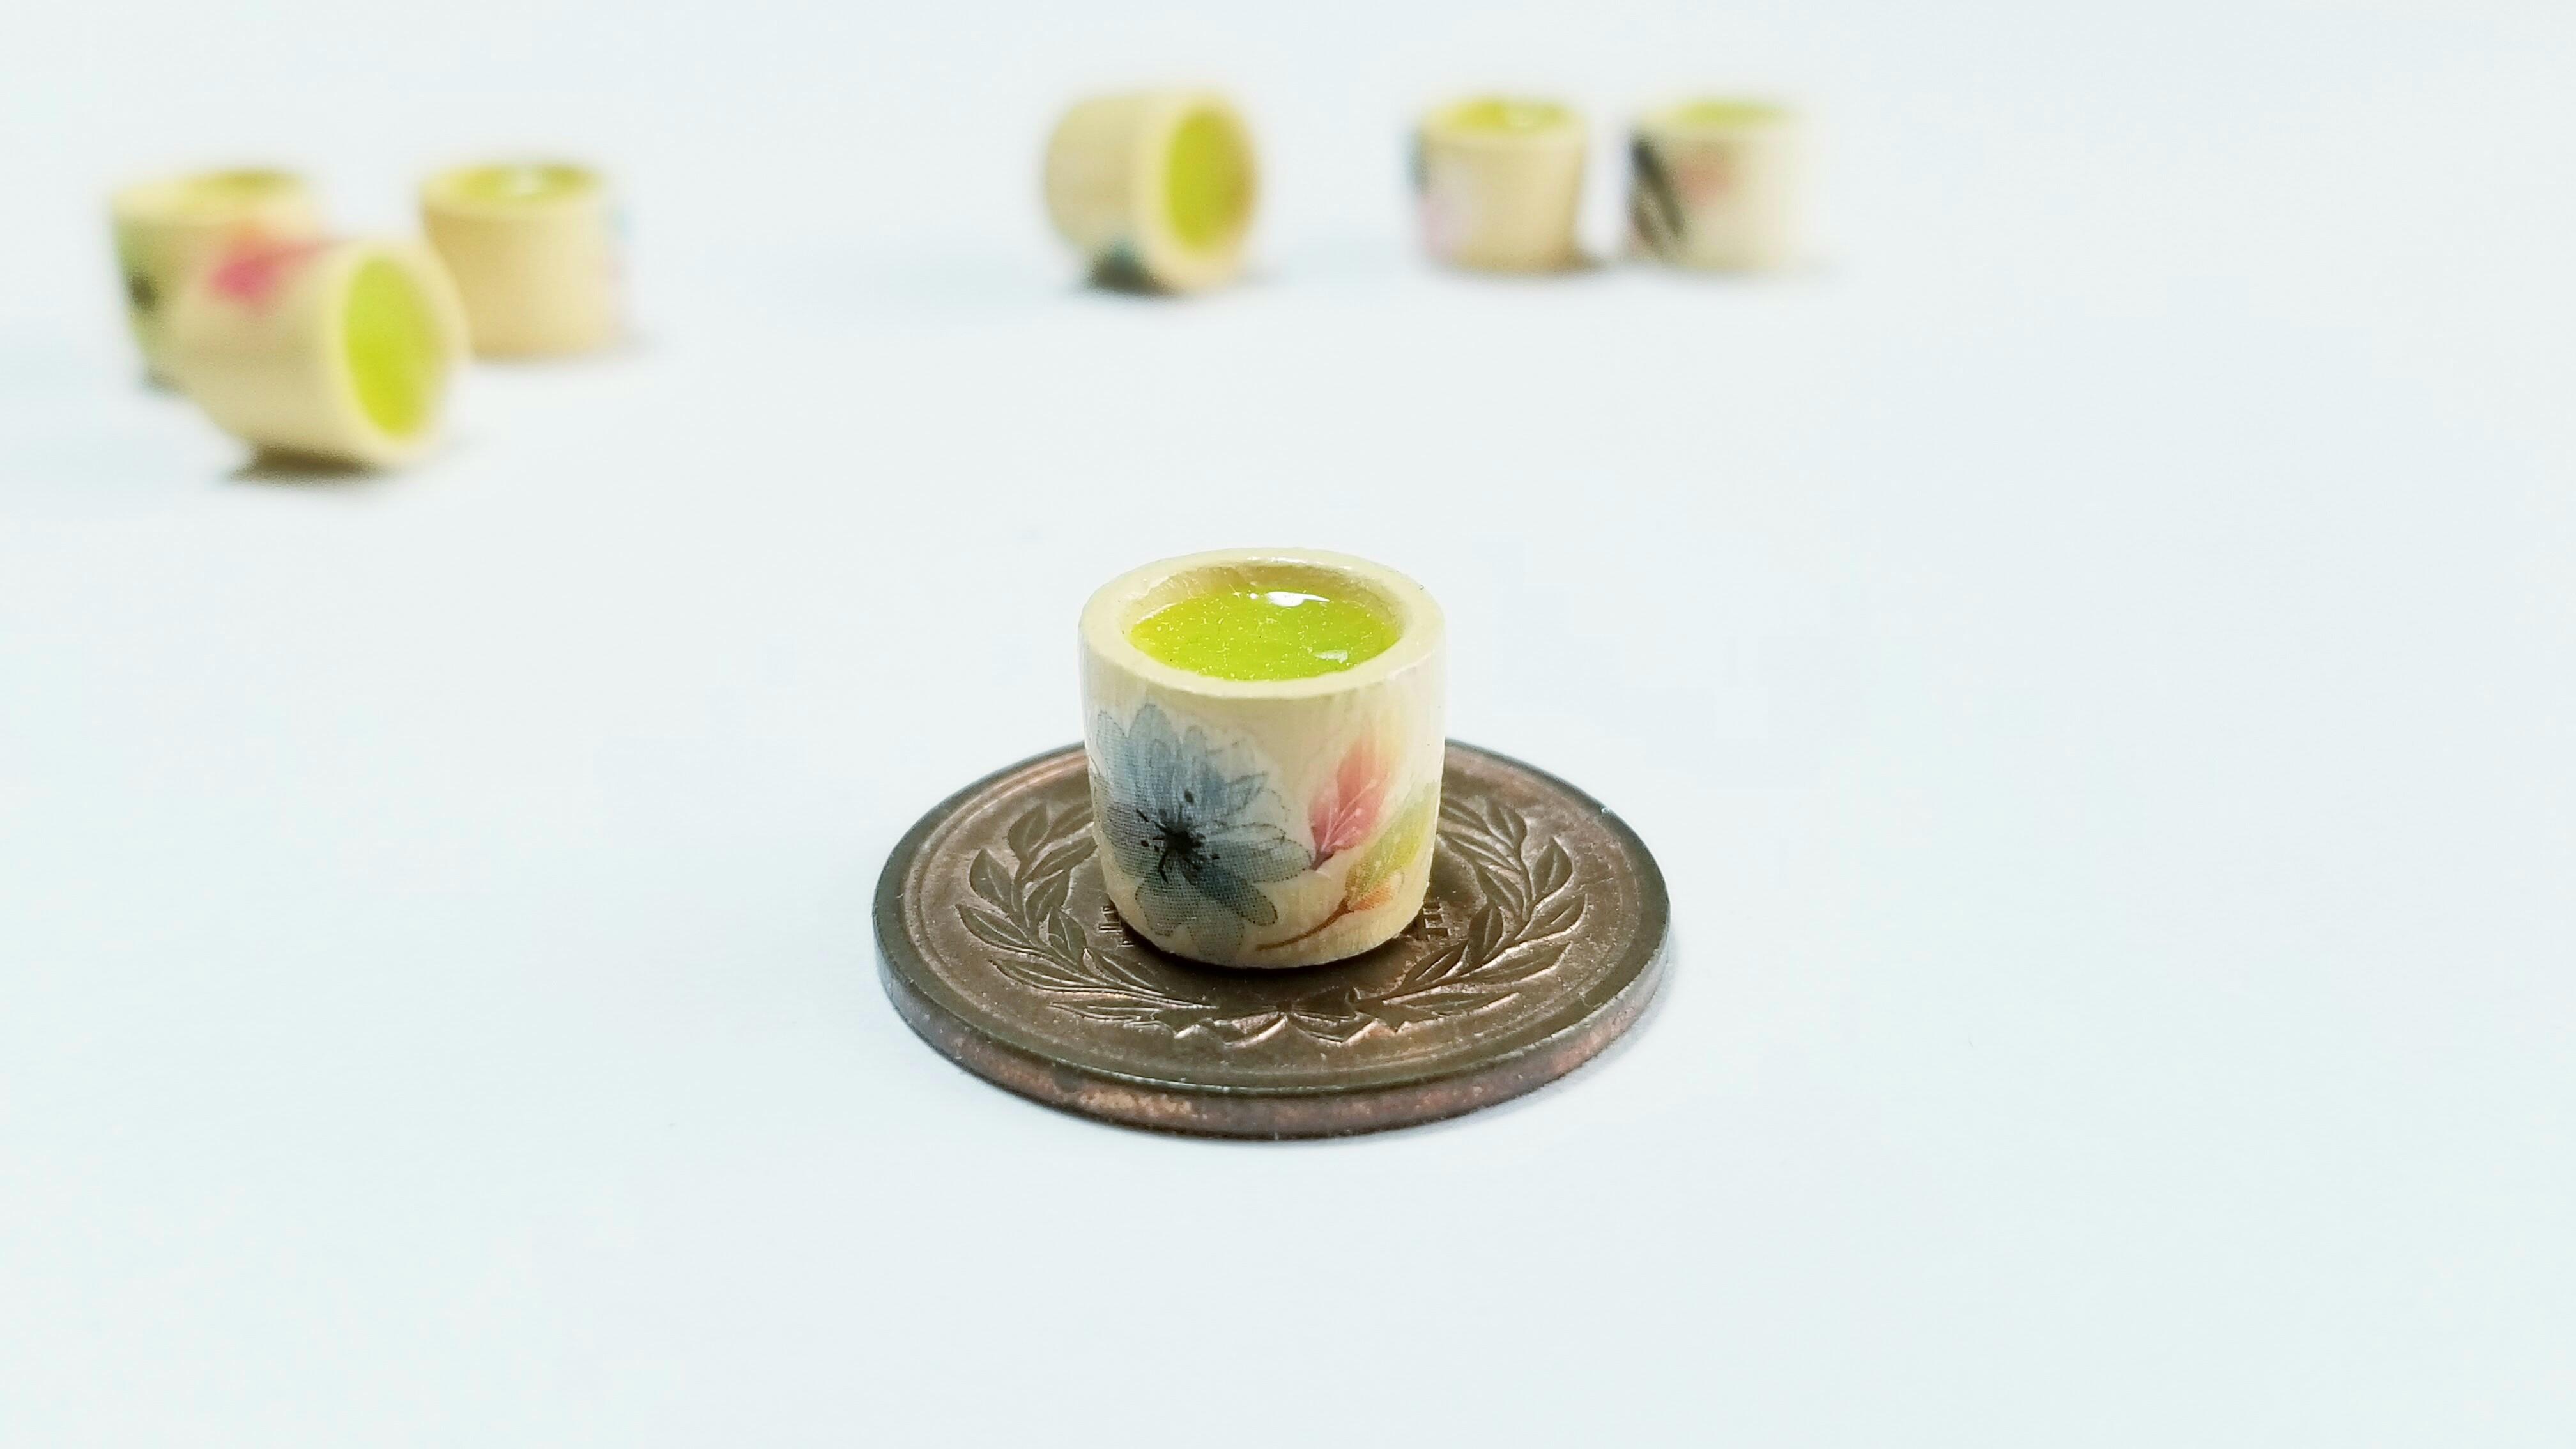 美味しいお抹茶限定自作ミニチュアアートかわいい人気ドール用小物